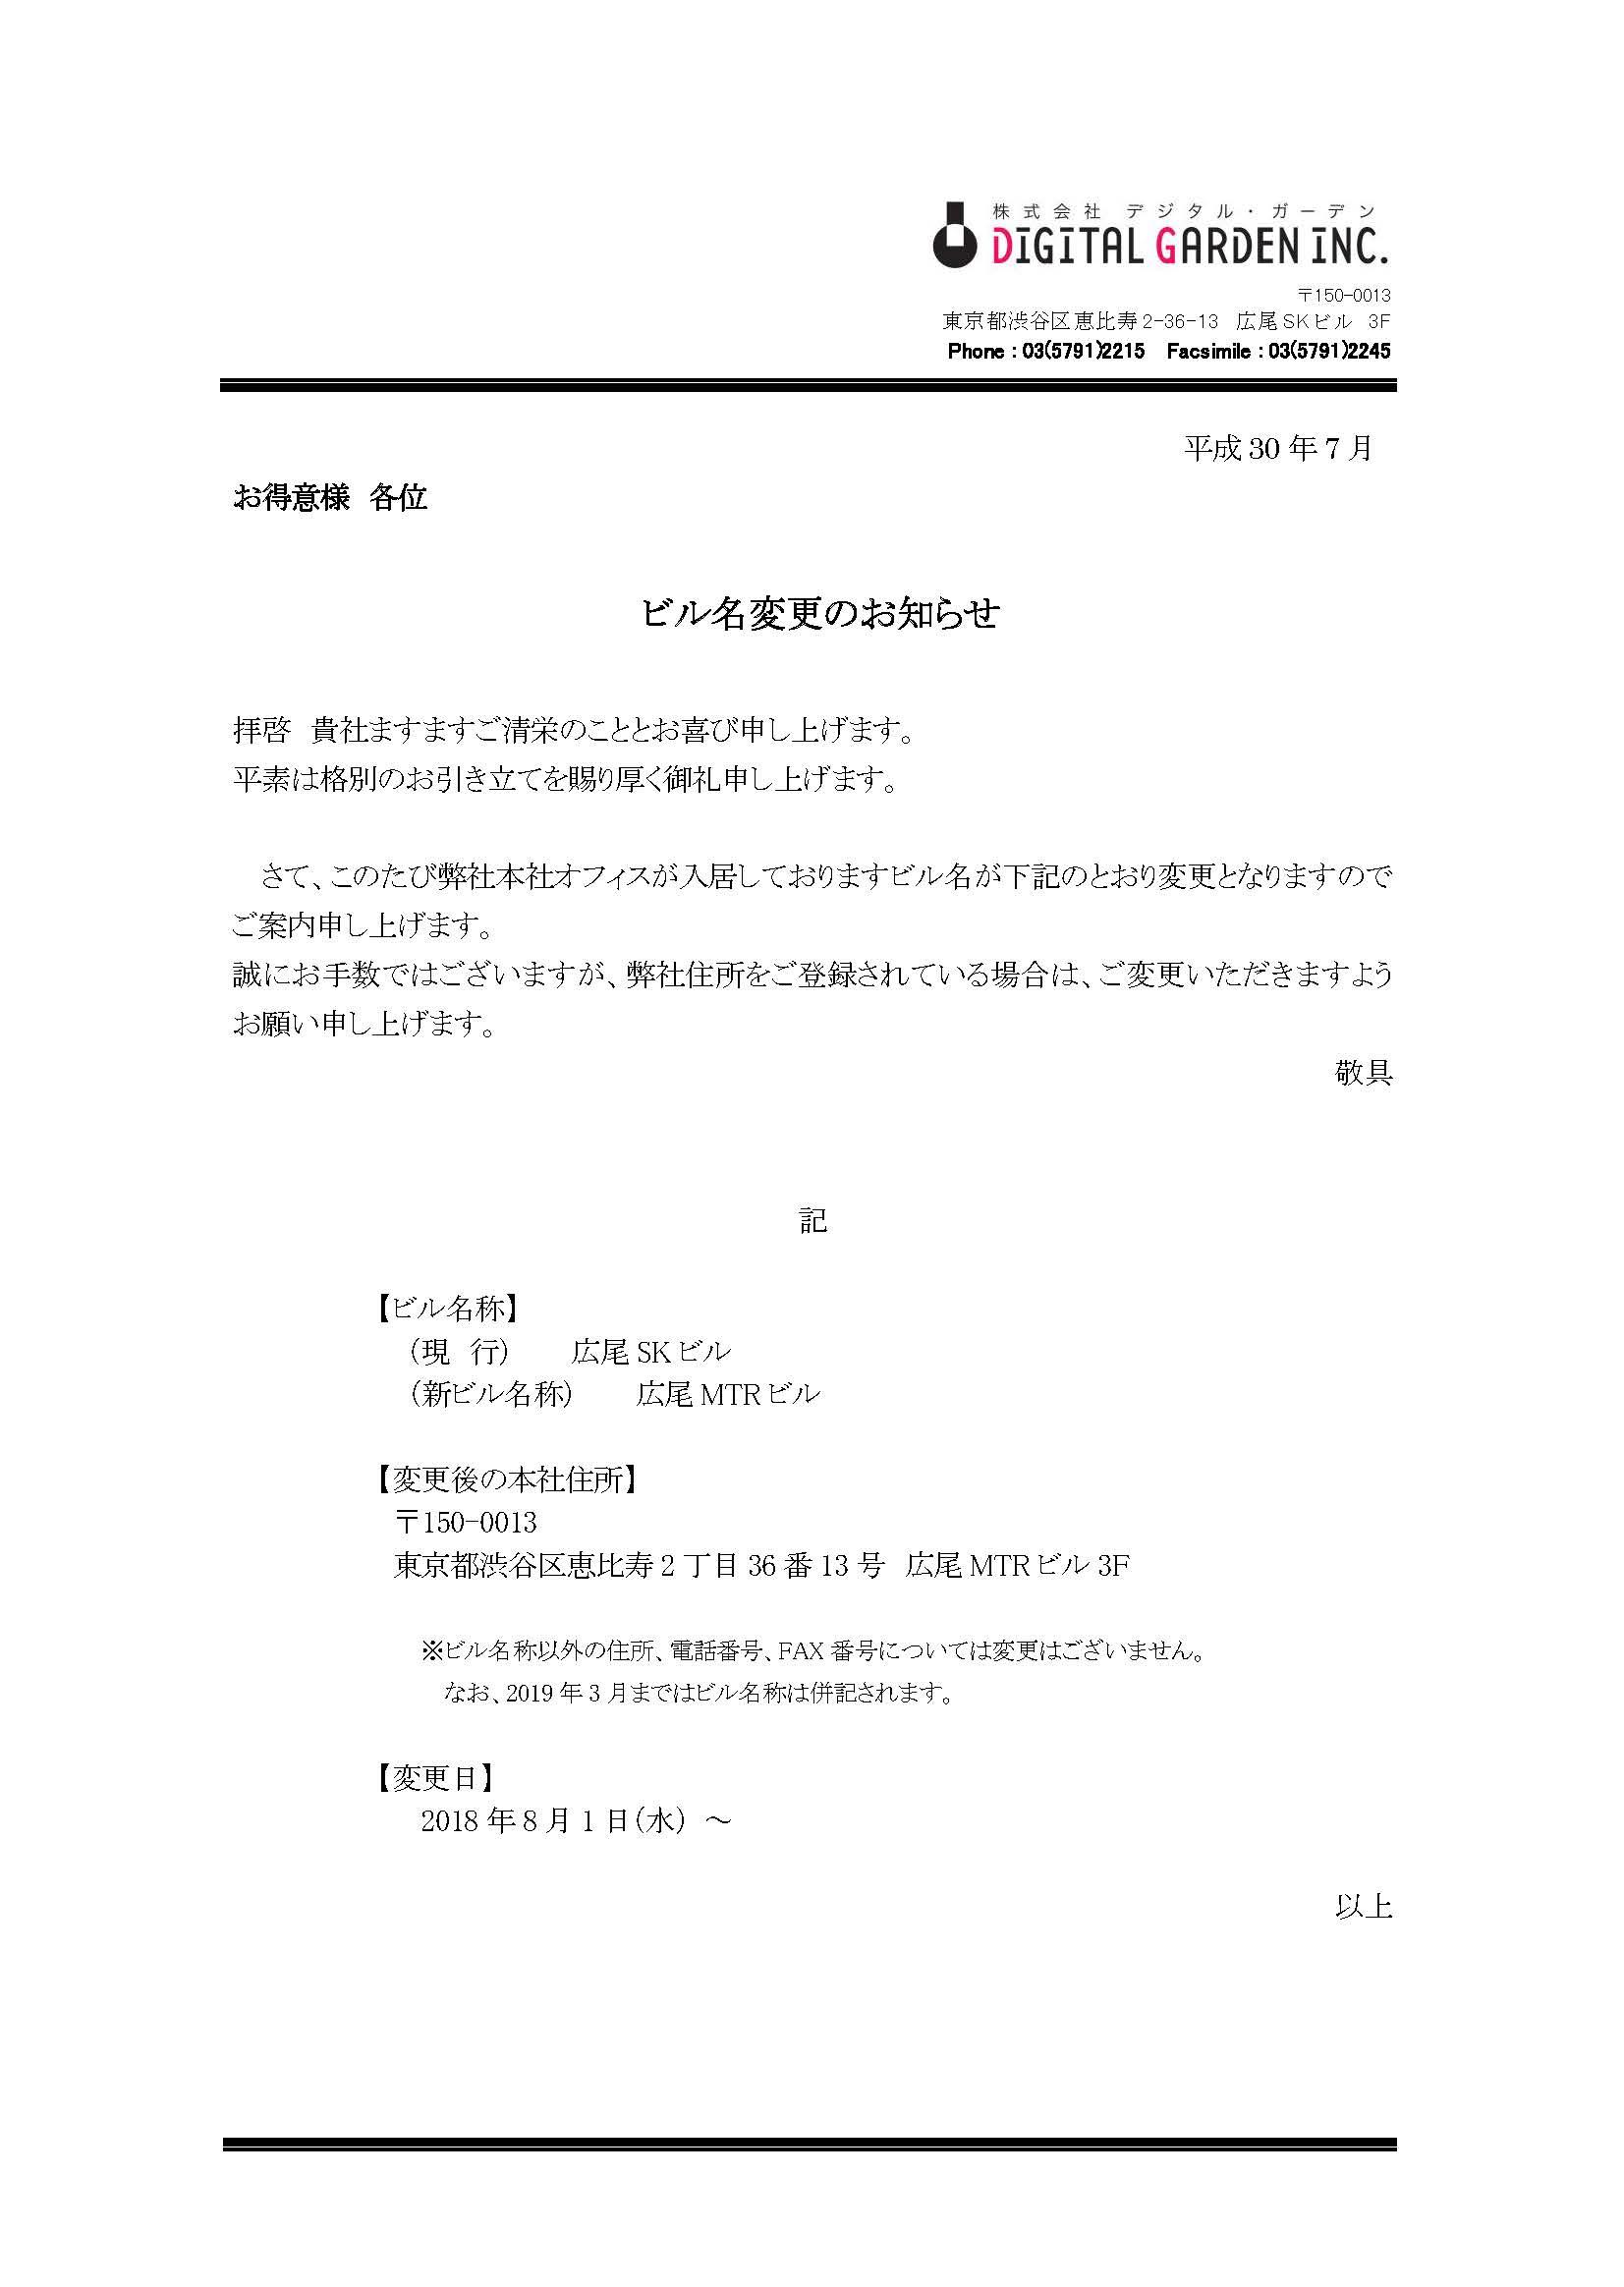 掲示_DGI_201807ビル名変更お知らせ